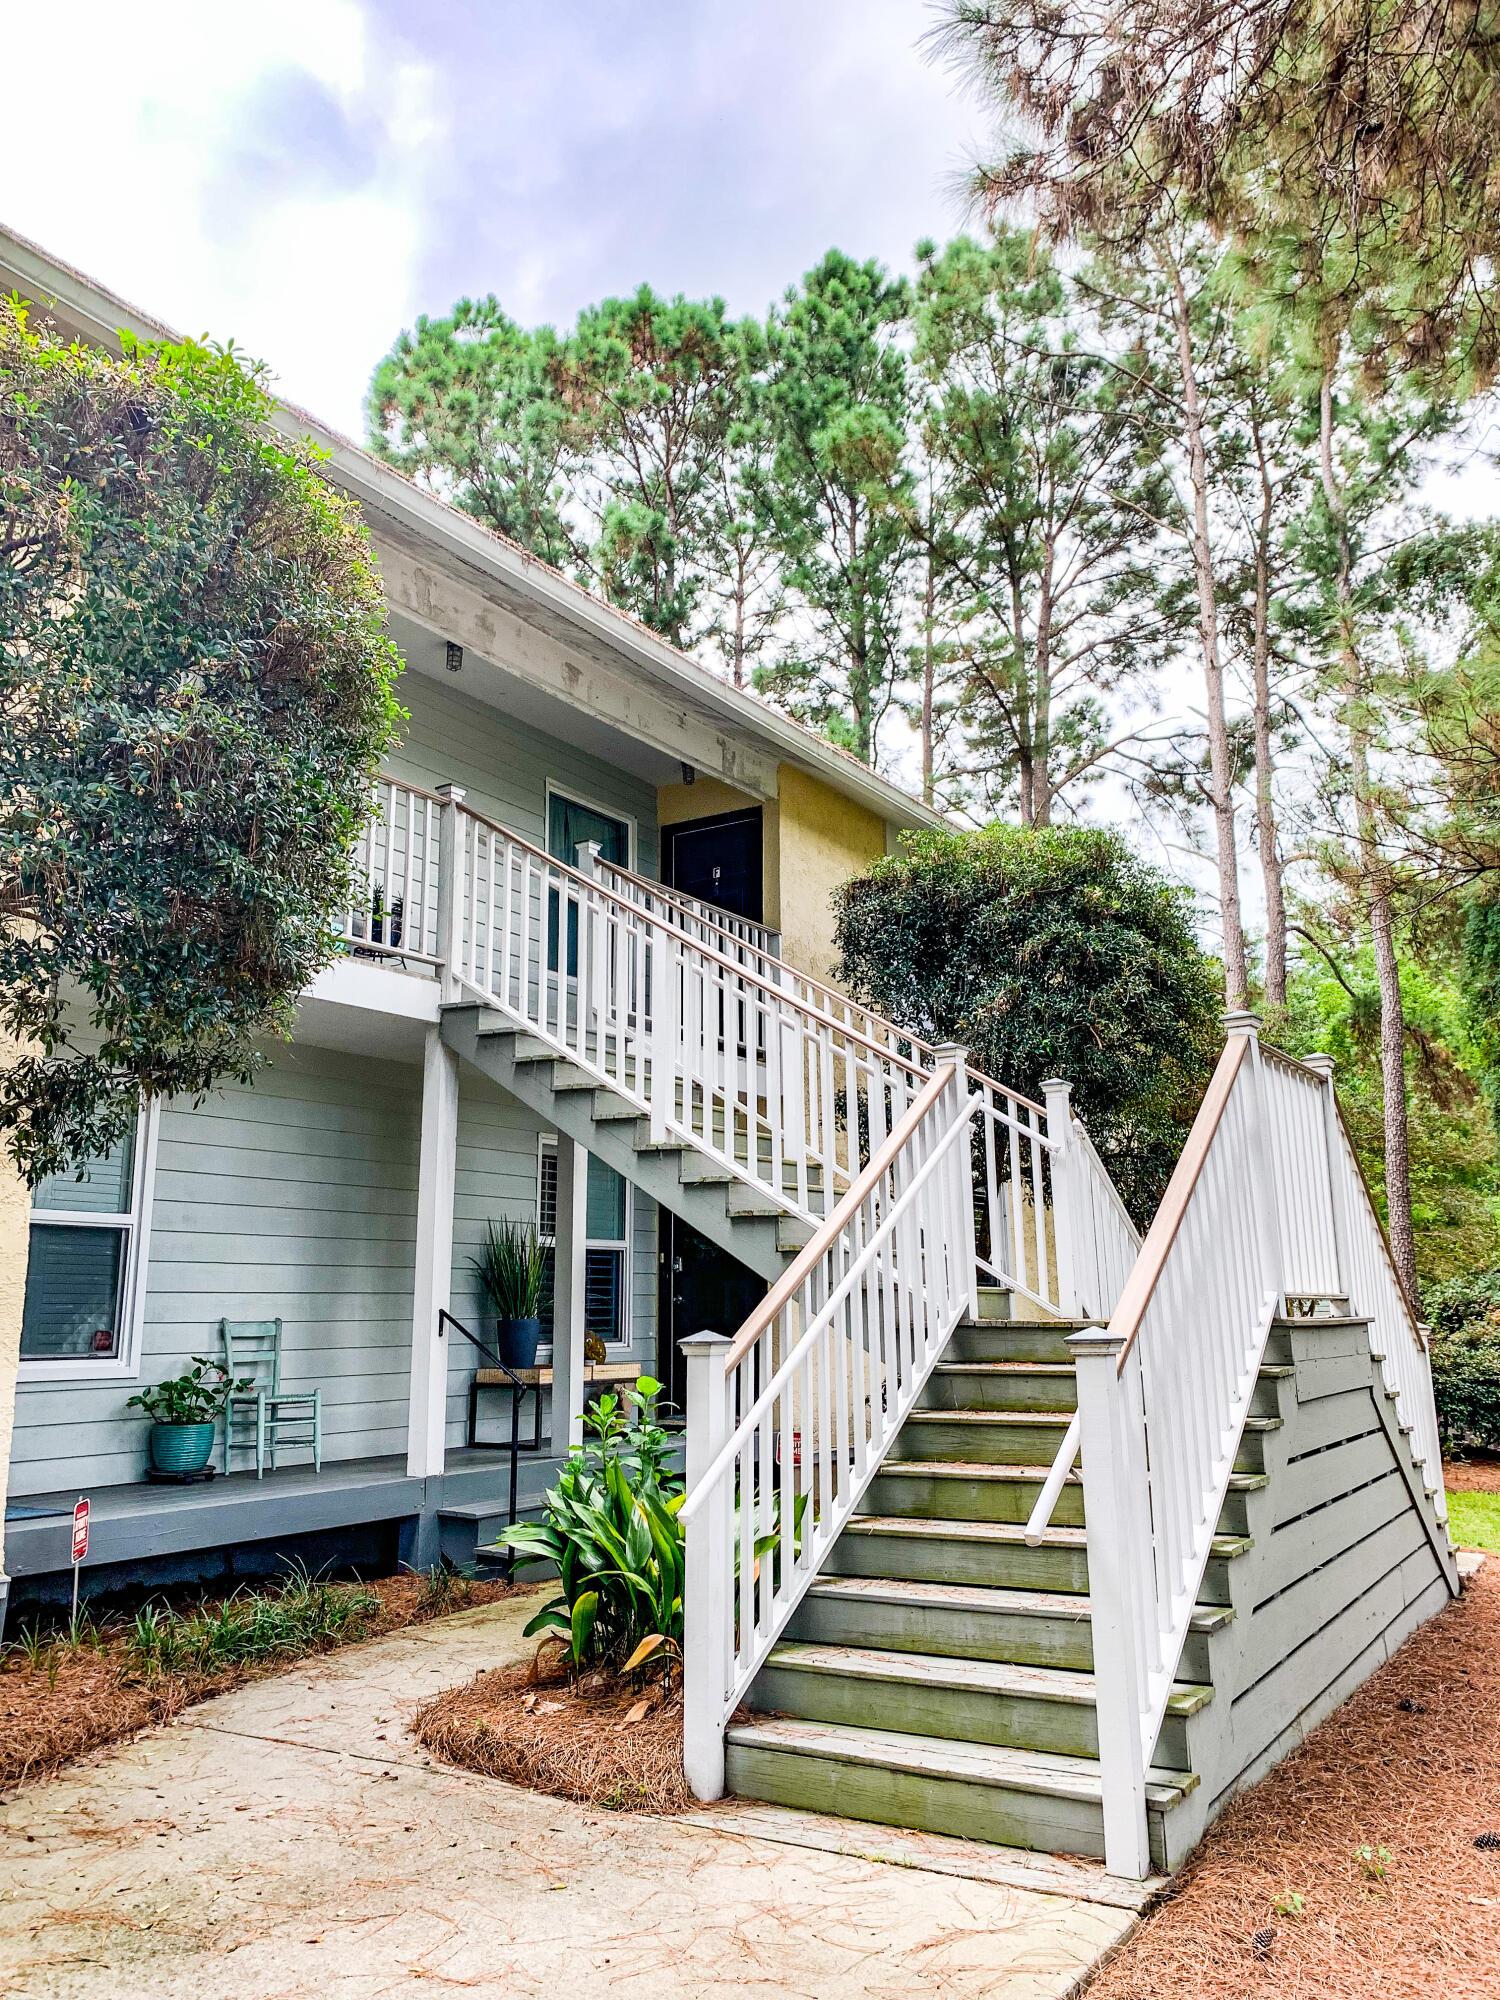 333 Coleman Boulevard, Mount Pleasant, 29464, 2 Bedrooms Bedrooms, ,2 BathroomsBathrooms,Rental,For Rent,Coleman,21026232